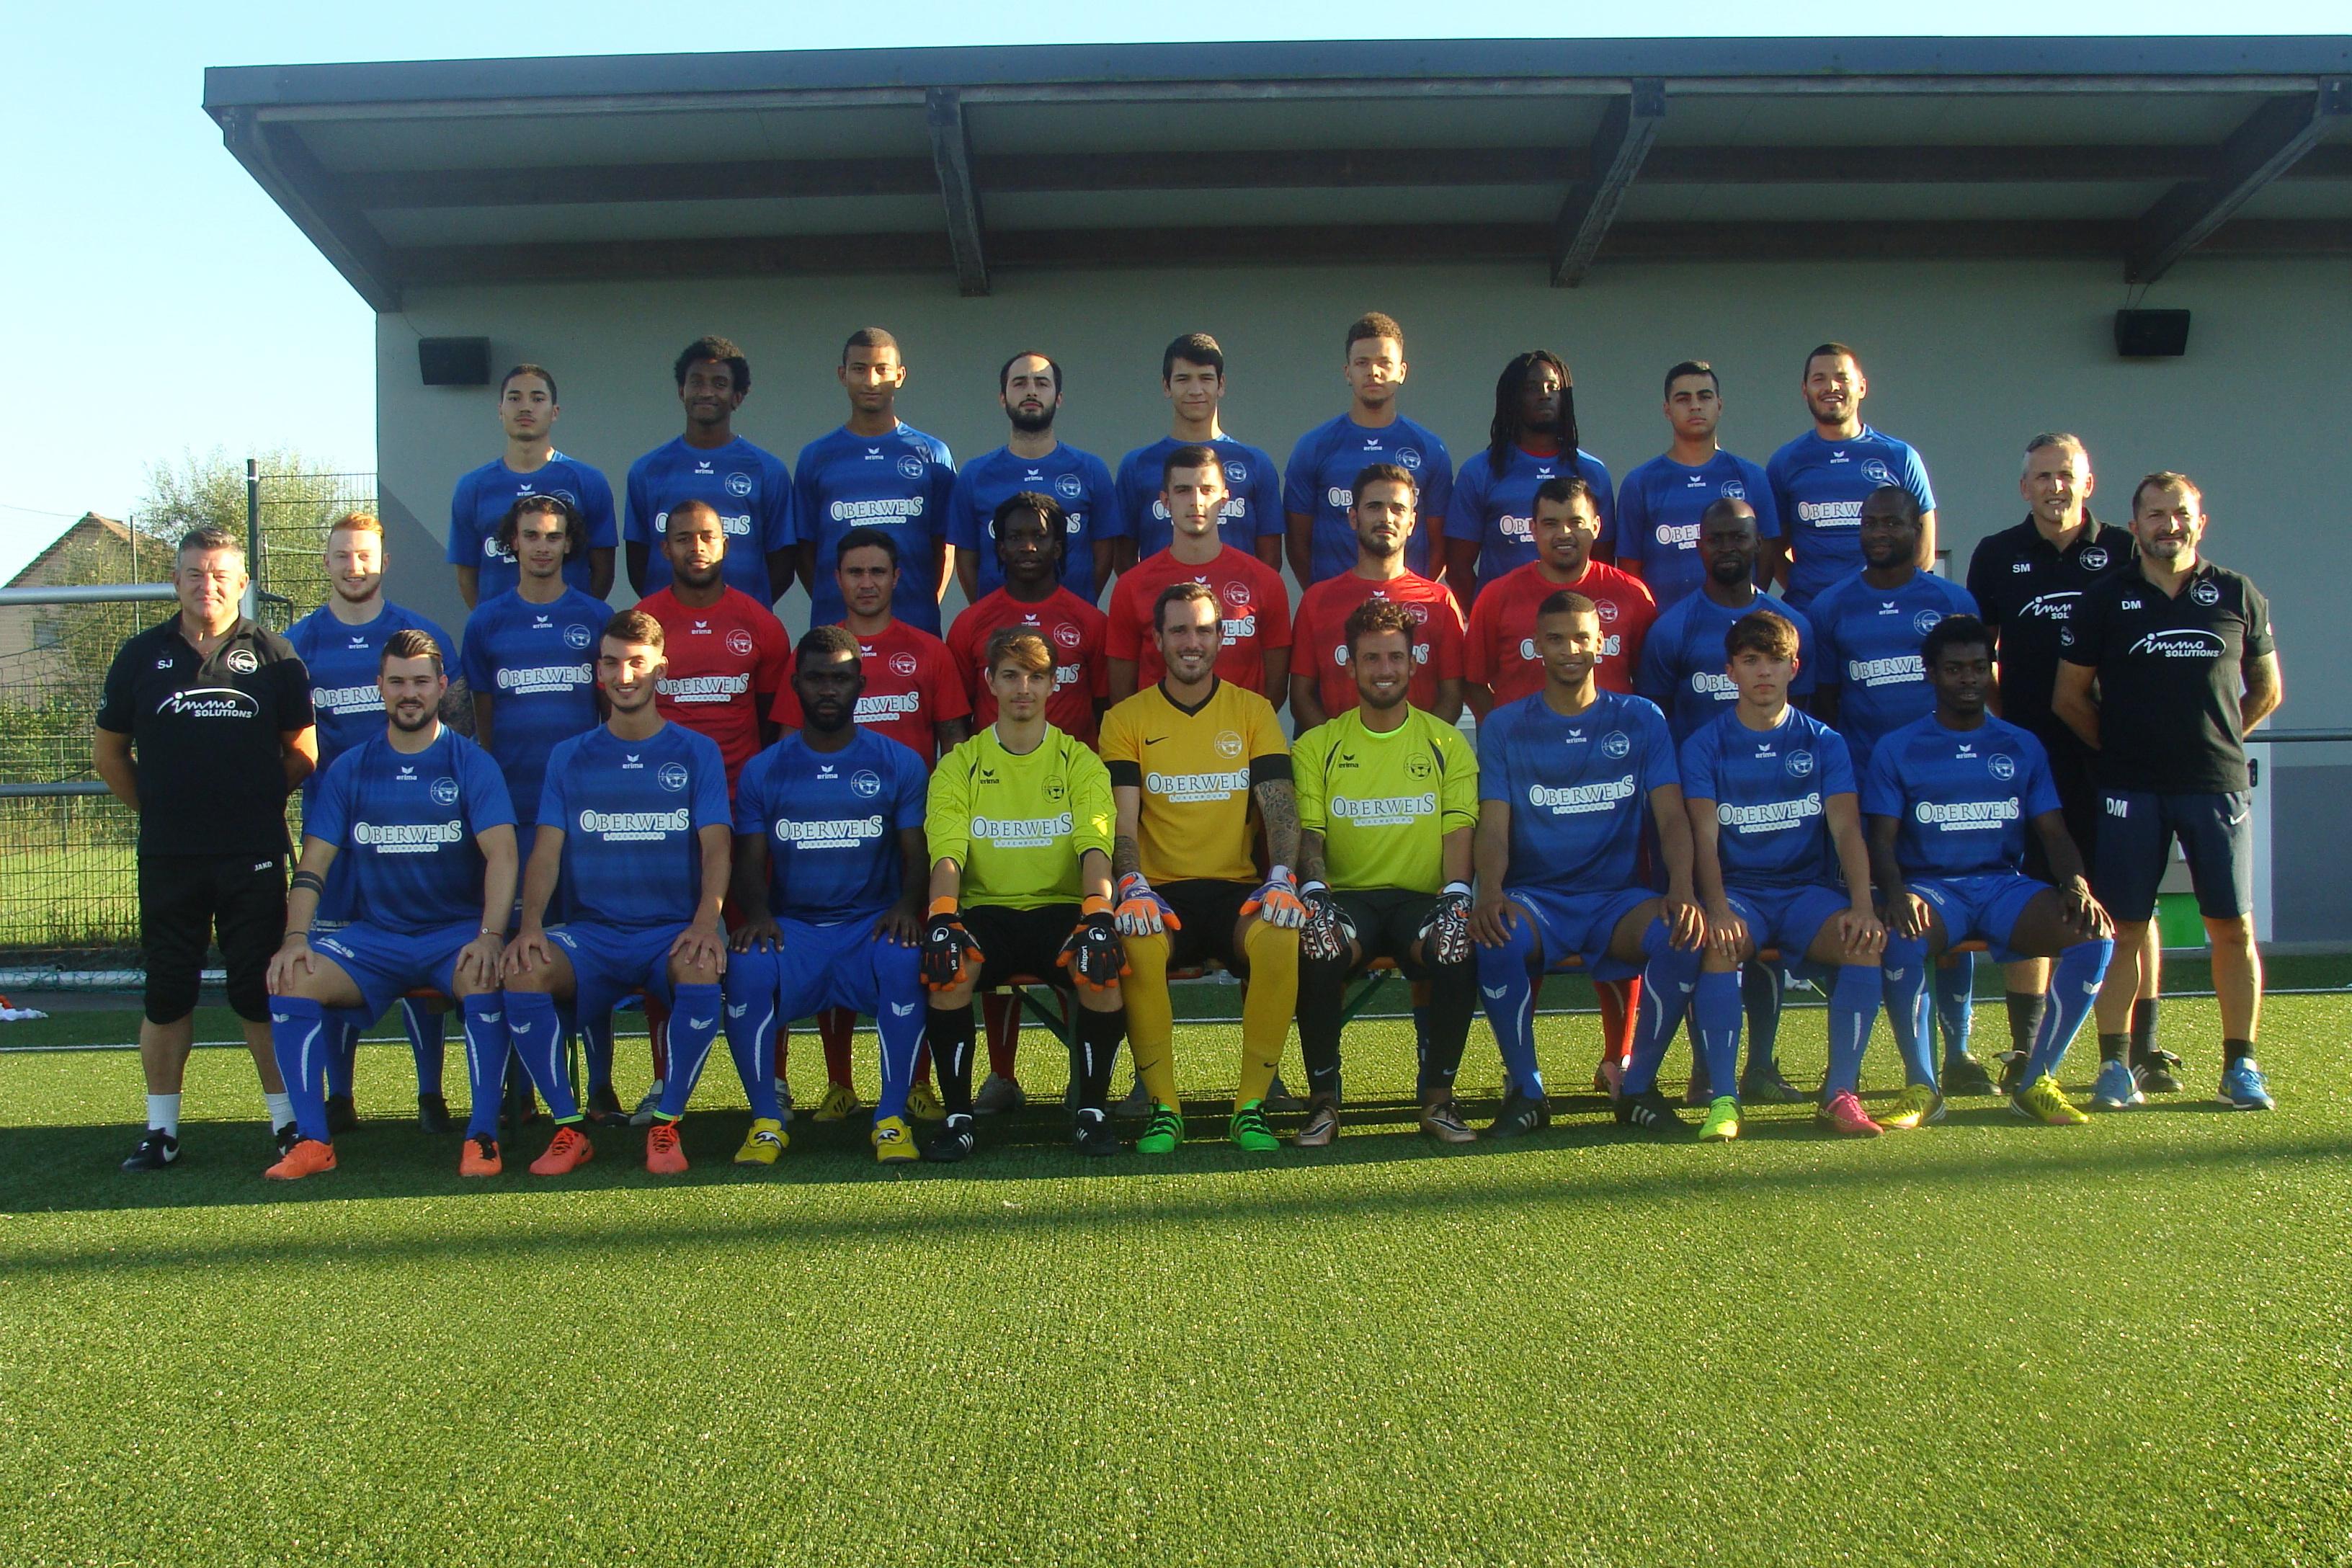 FC Munsbach Teamphoto